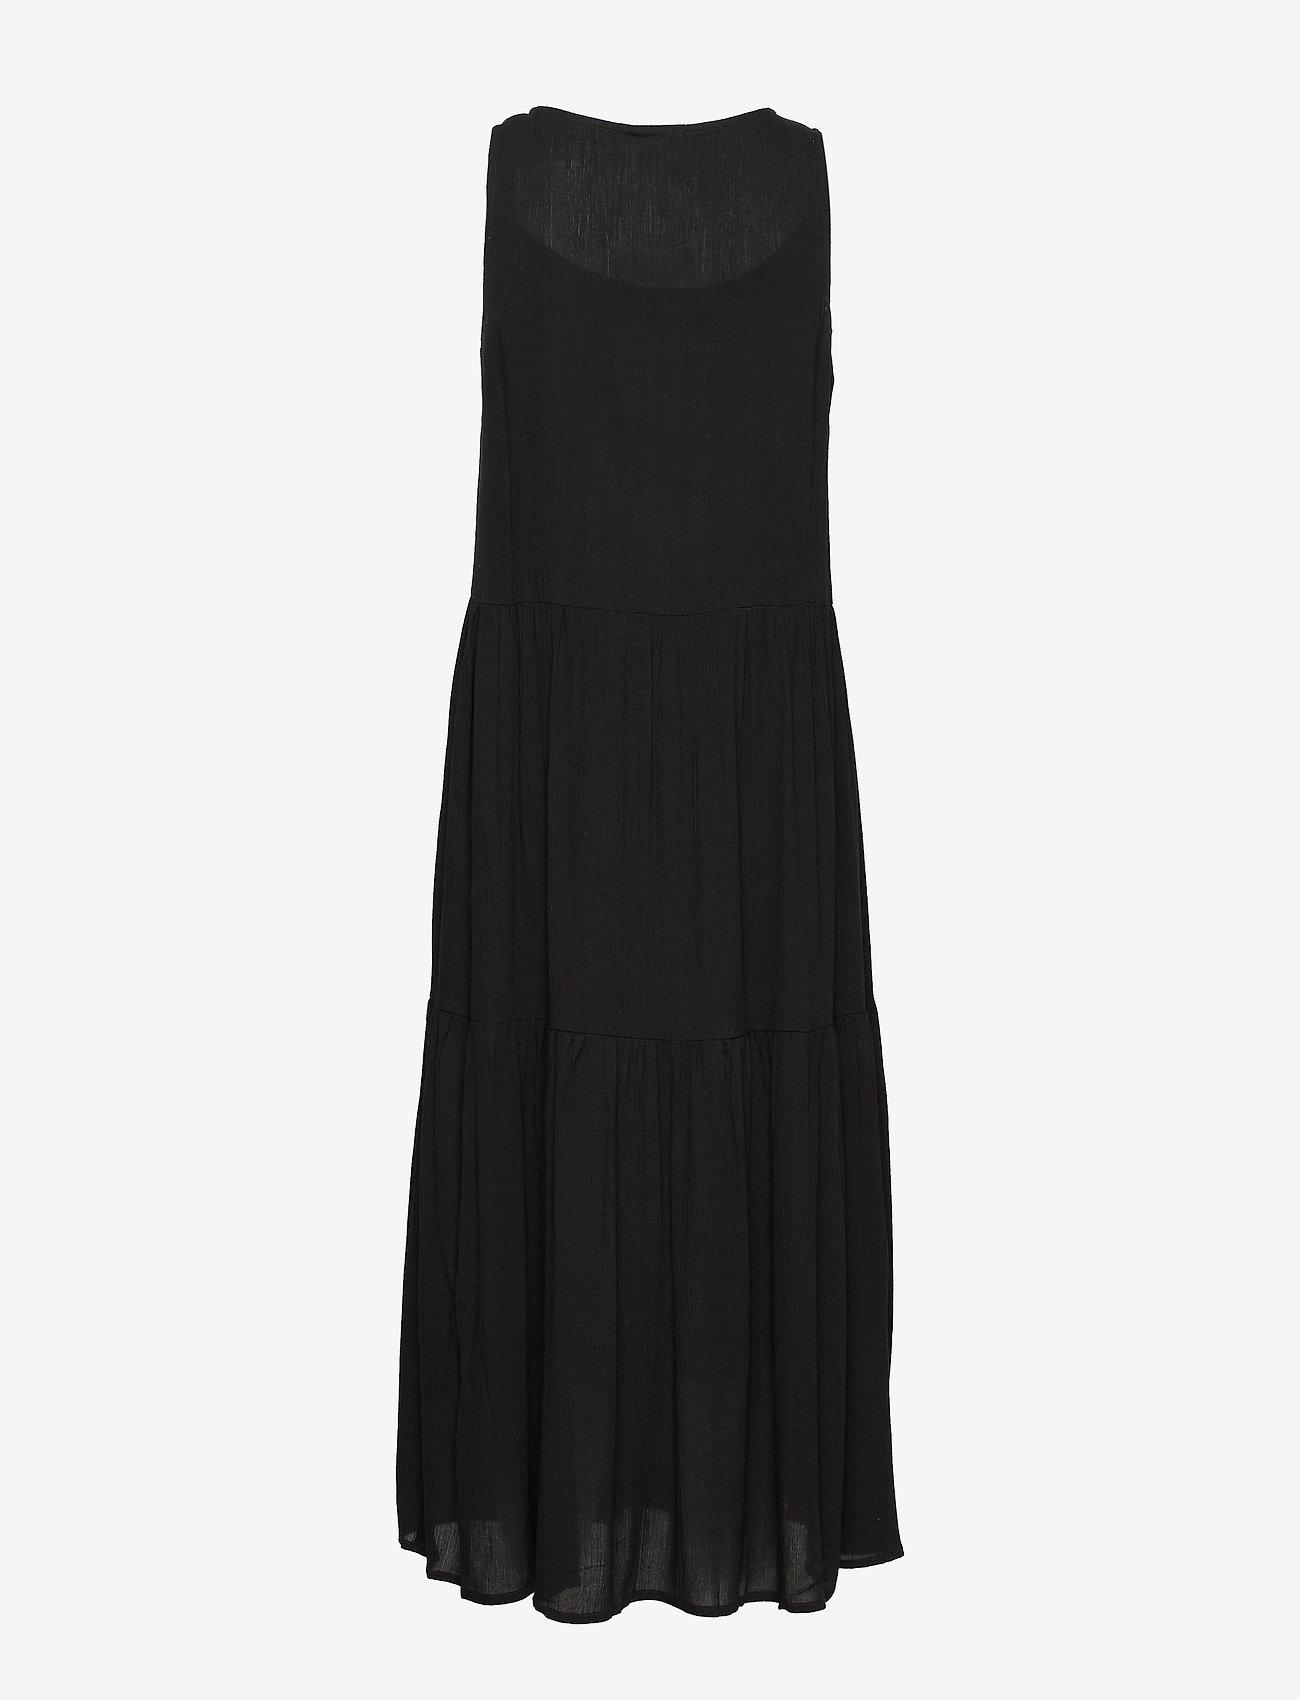 Brandtex Dress-light woven - Sukienki BLACK - Kobiety Odzież.